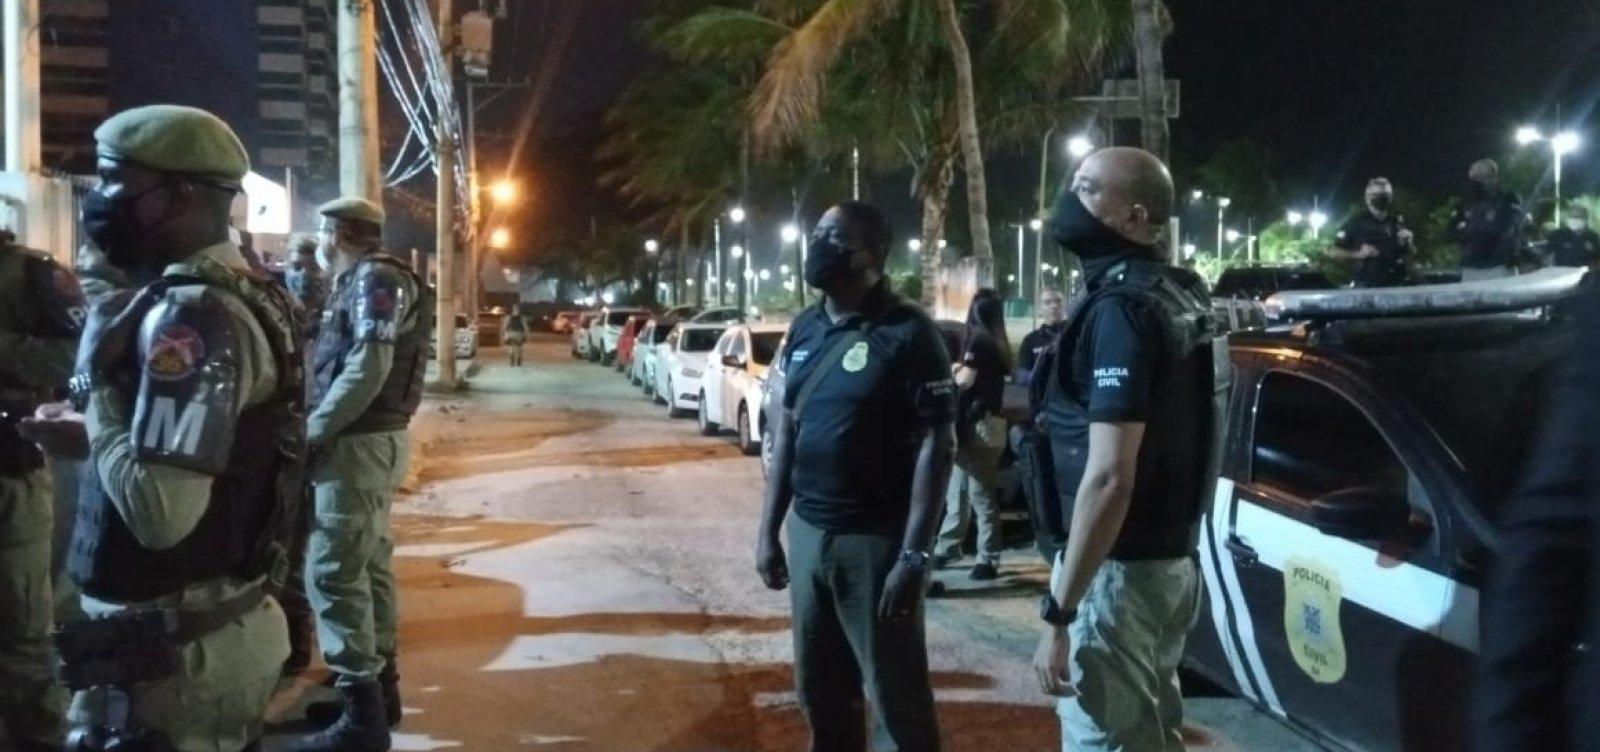 Operação Panaceia: empresário é preso com arma irregular em prédio de luxo